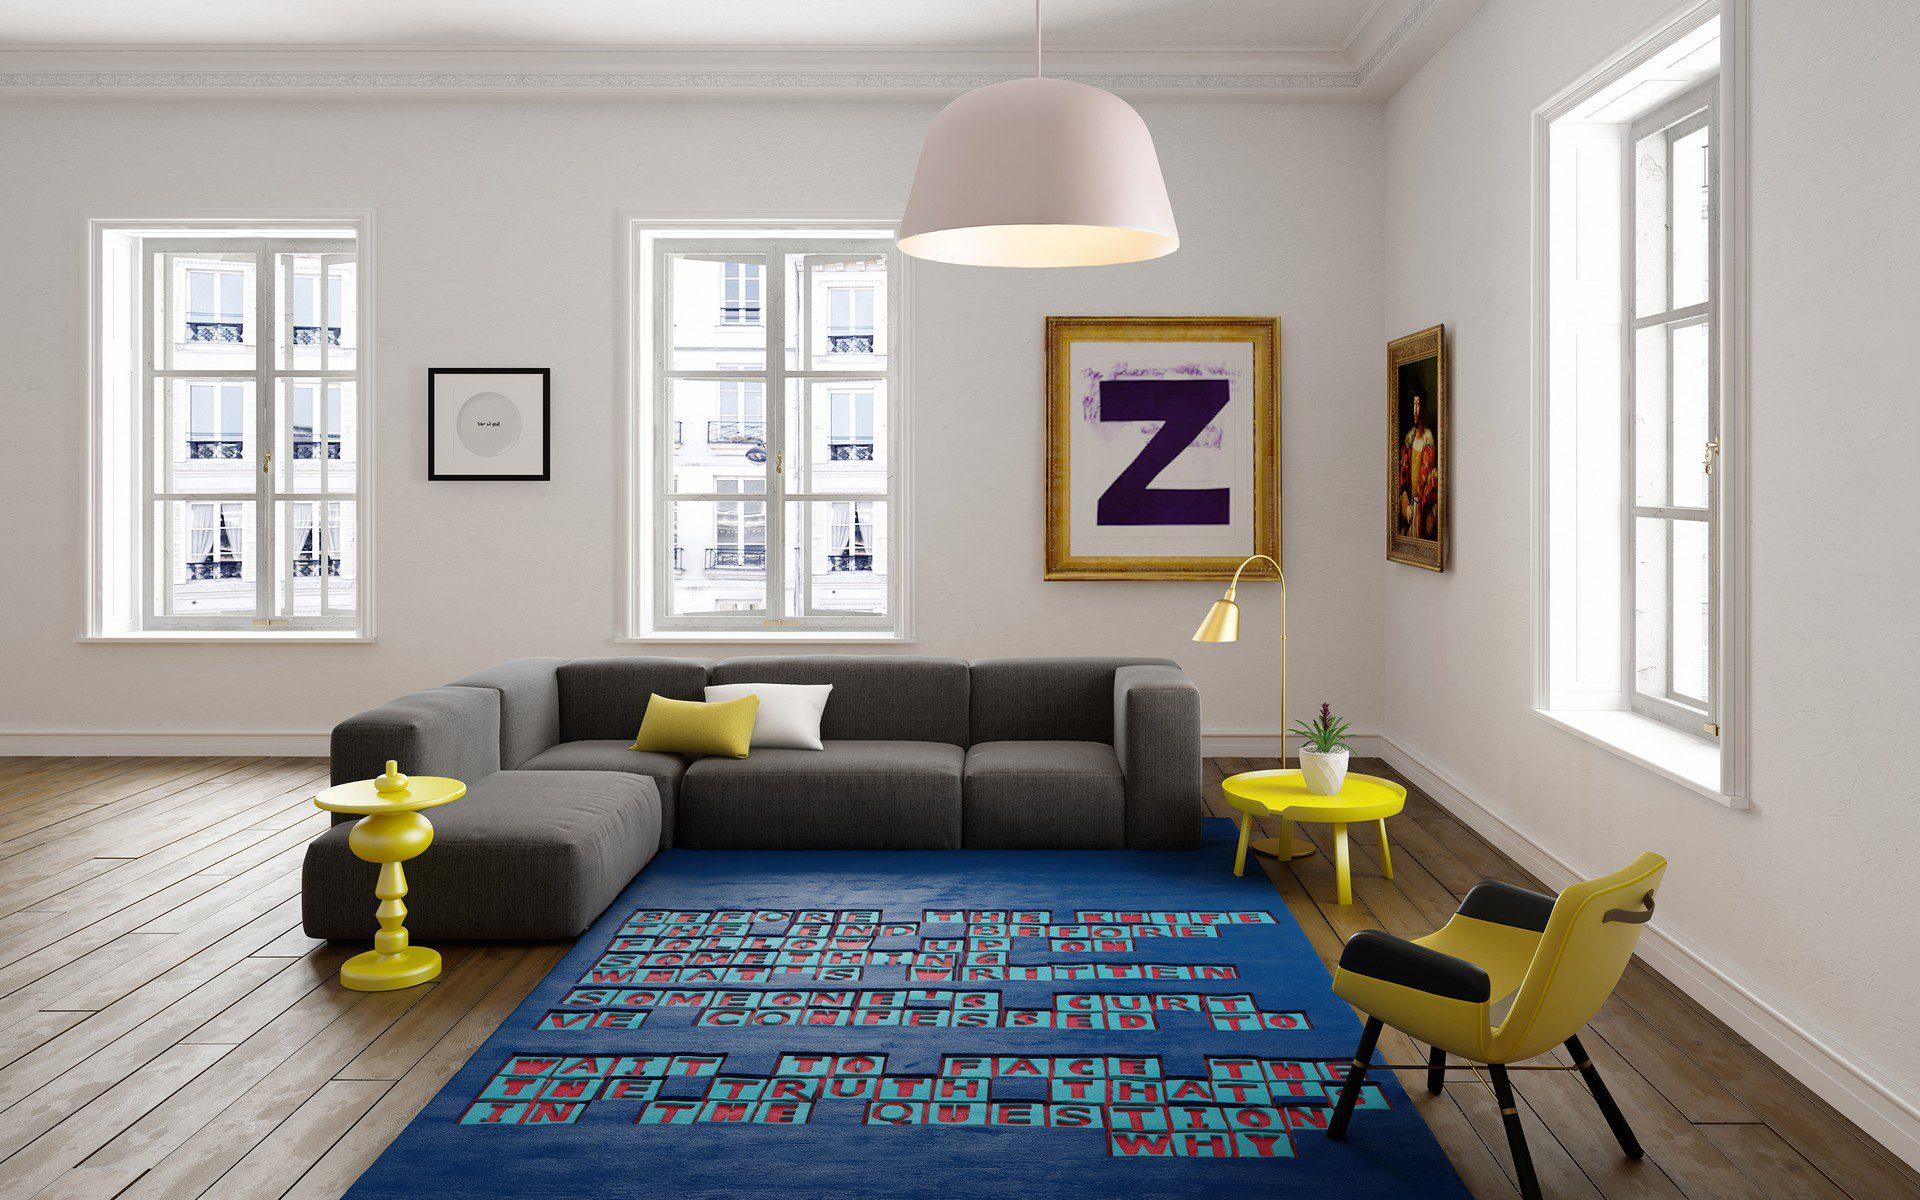 wizualizacja architektoniczna wnętrza mieszkania z dywanami urban fabric